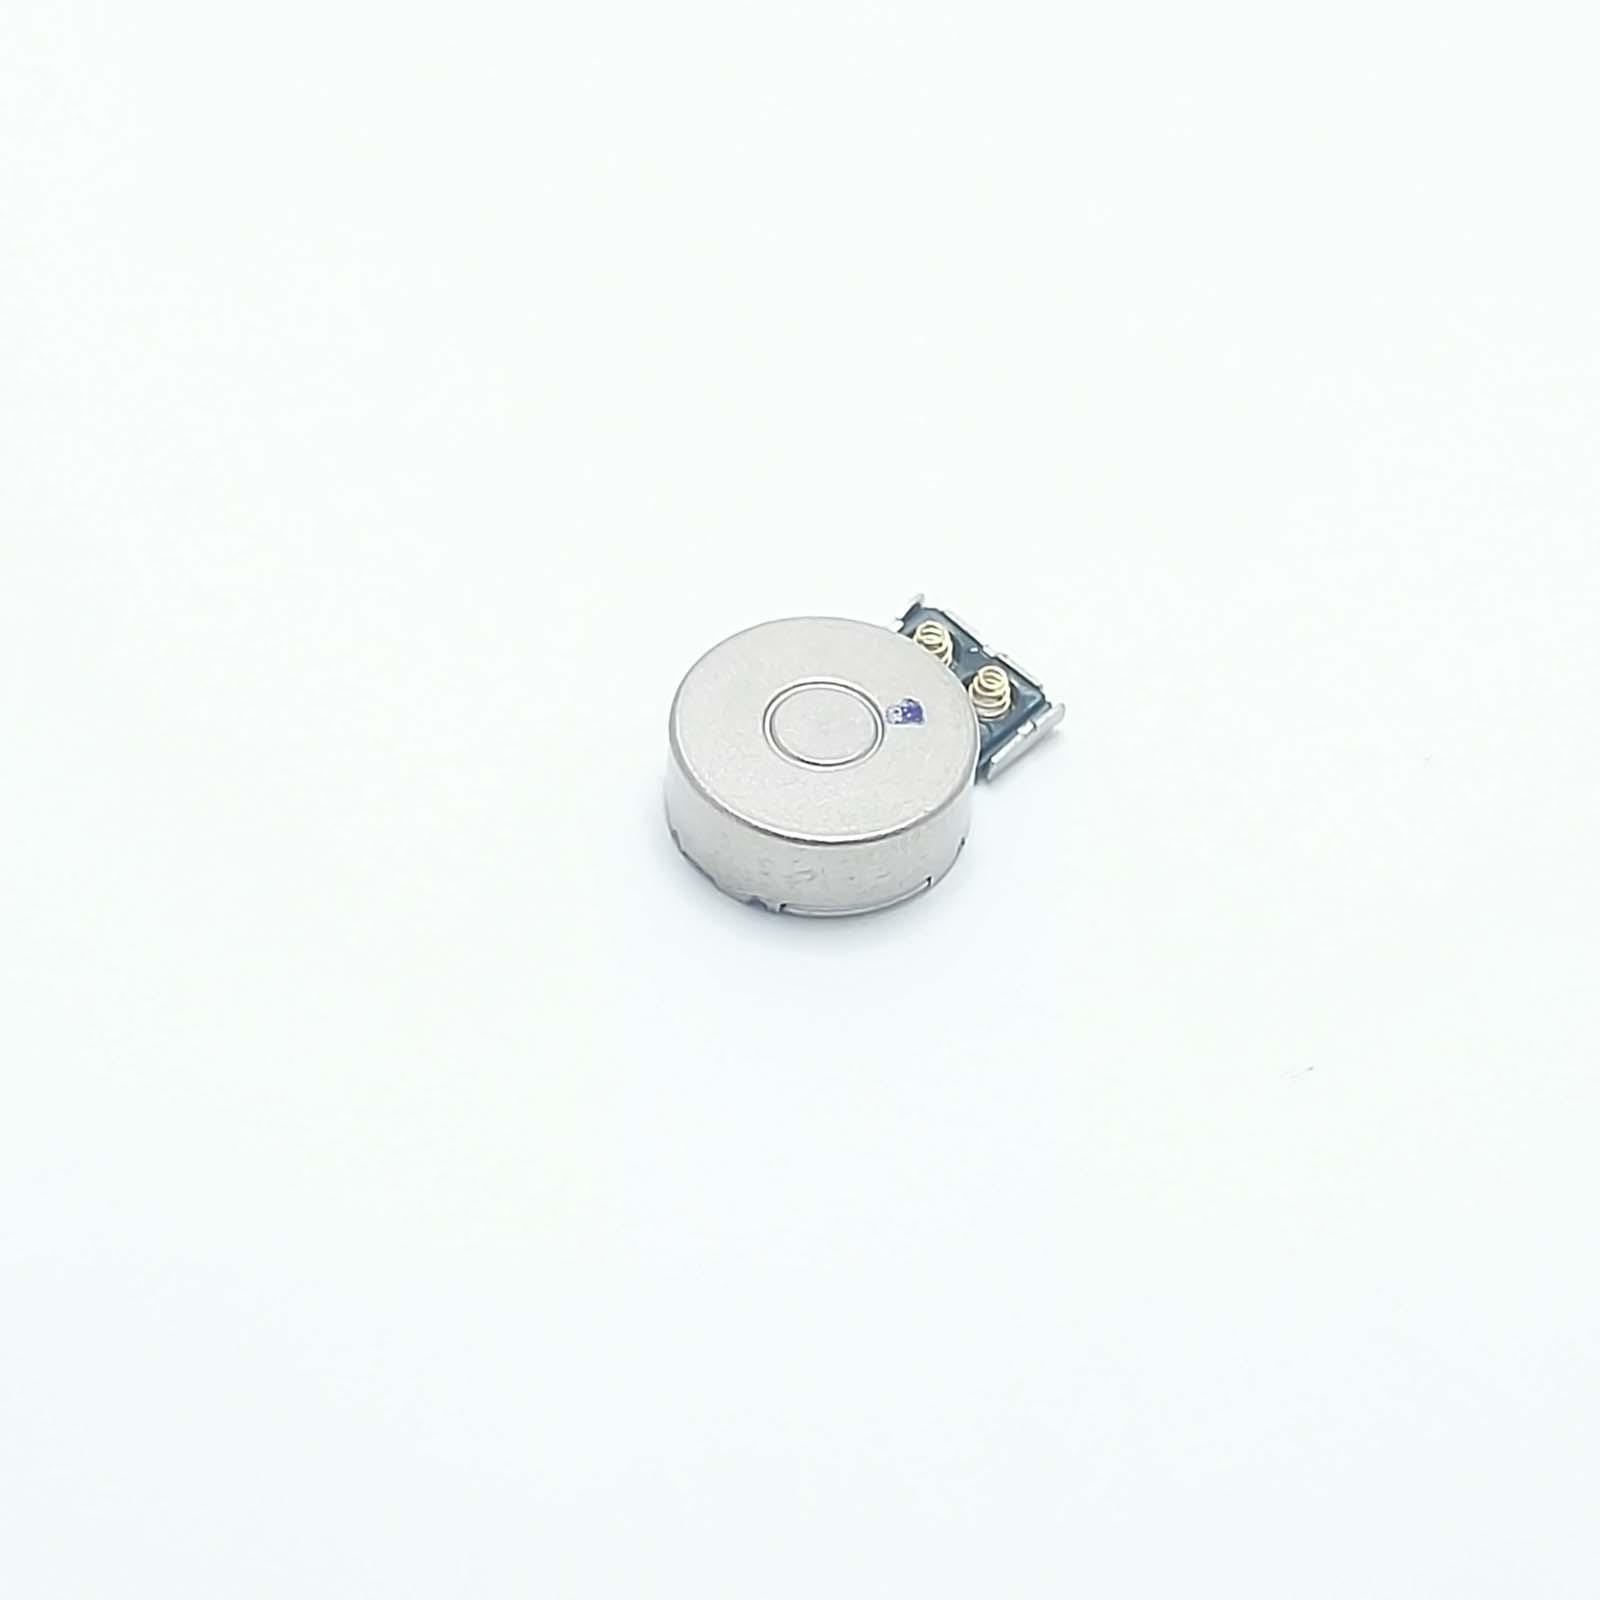 Vibrazione Nexus 5X LG H791 modulo vibratore vibracall motorino Vibrator